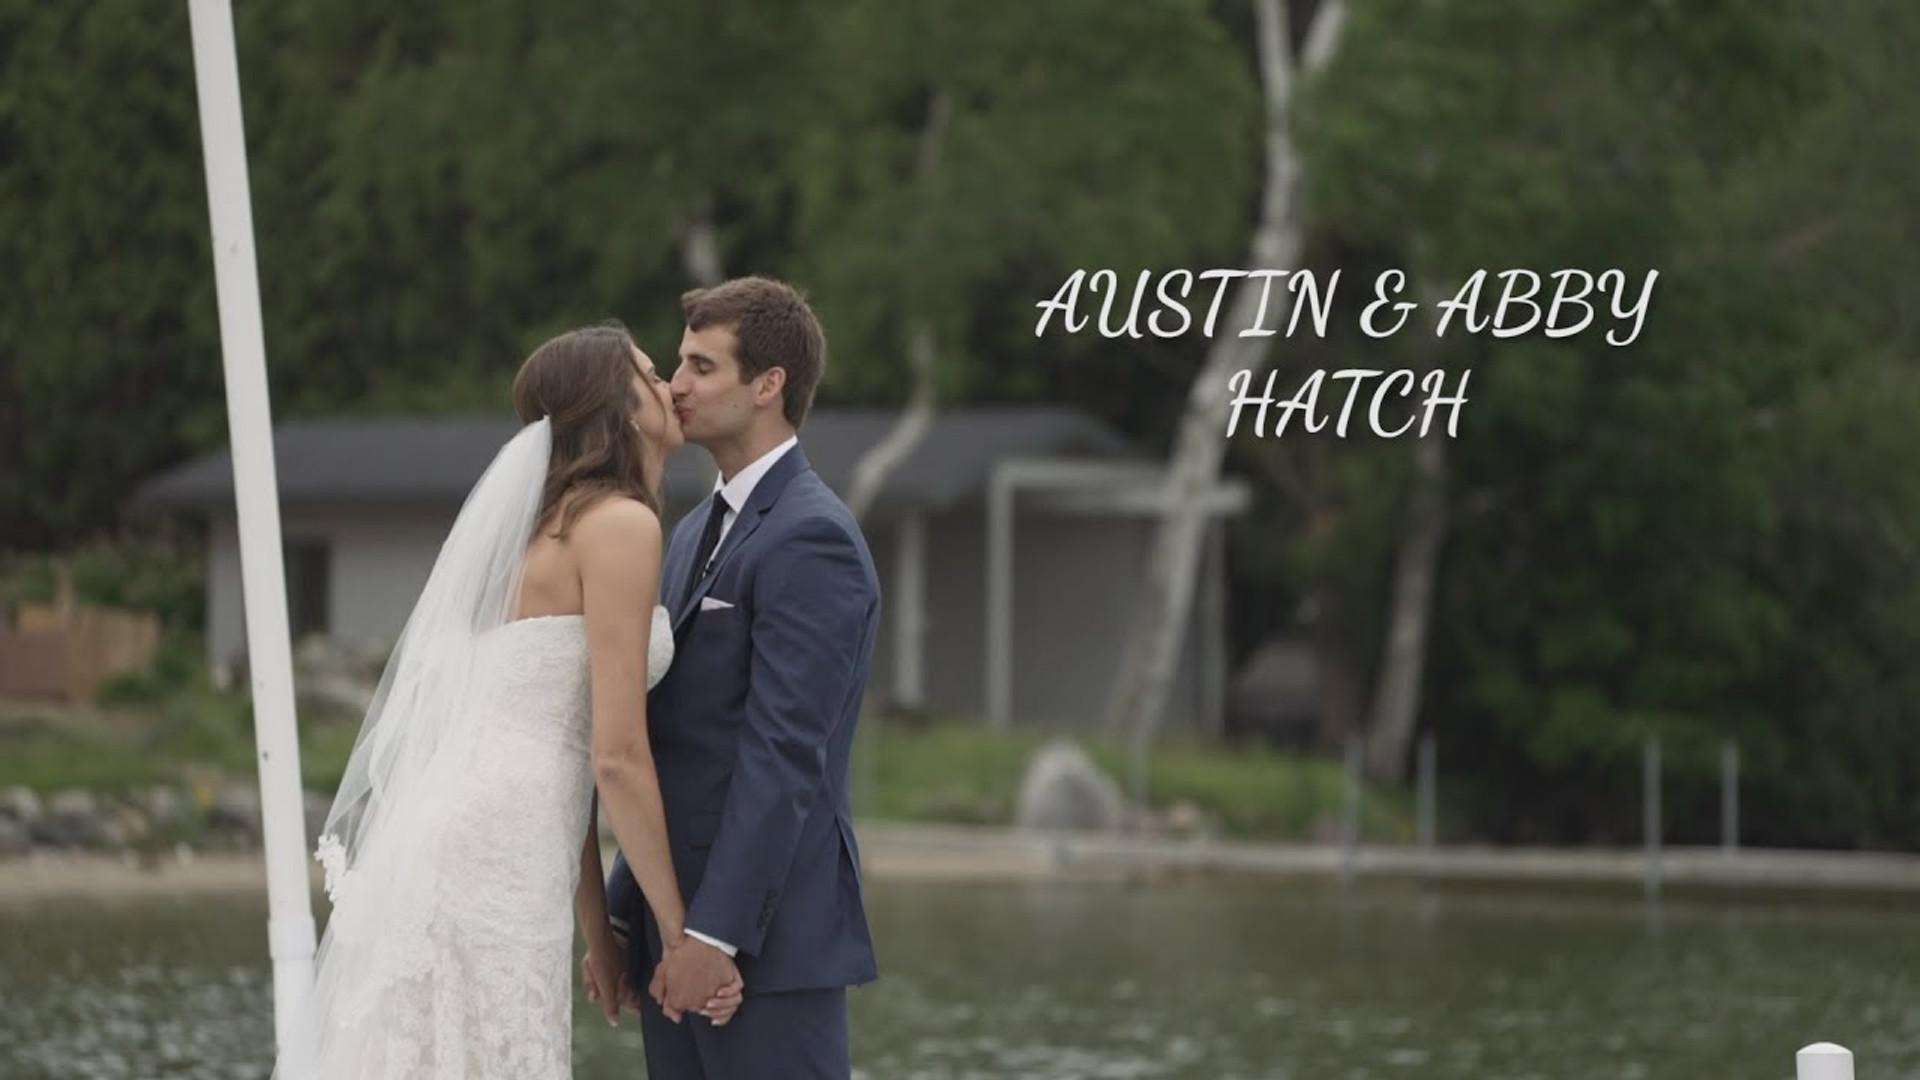 Austin & Abby